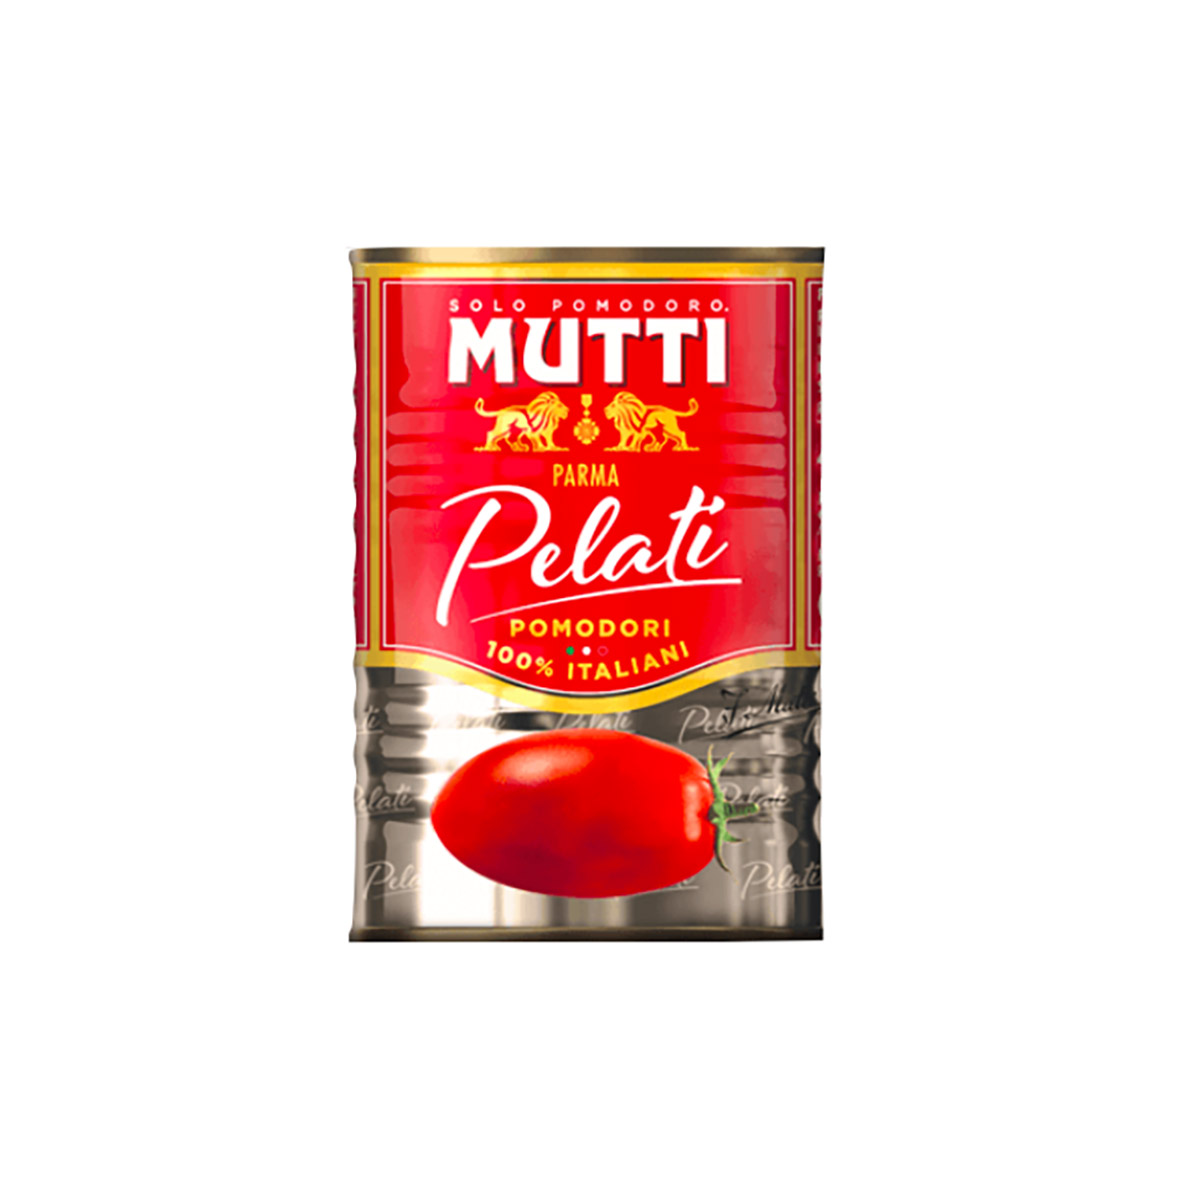 Rosii decojite Mutti, 400 g imagine